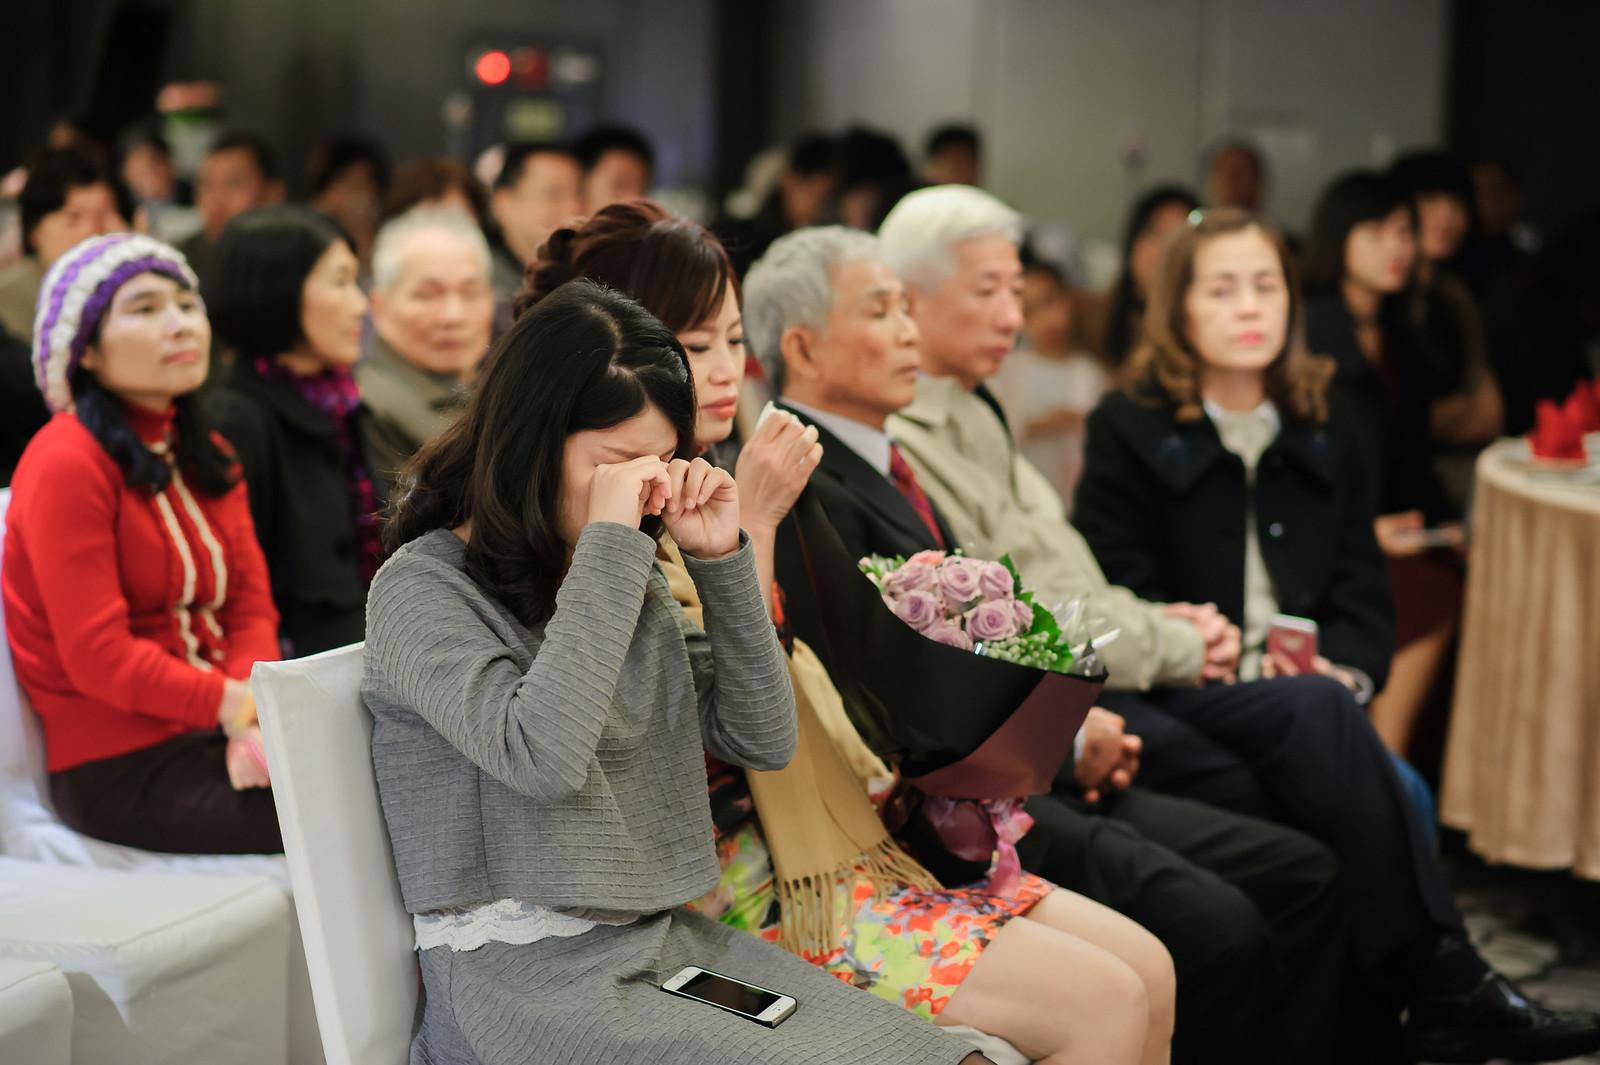 台北婚攝, 婚禮攝影, 婚攝, 婚攝守恆, 婚攝推薦, 晶華酒店, 晶華酒店婚宴, 晶華酒店婚攝-56